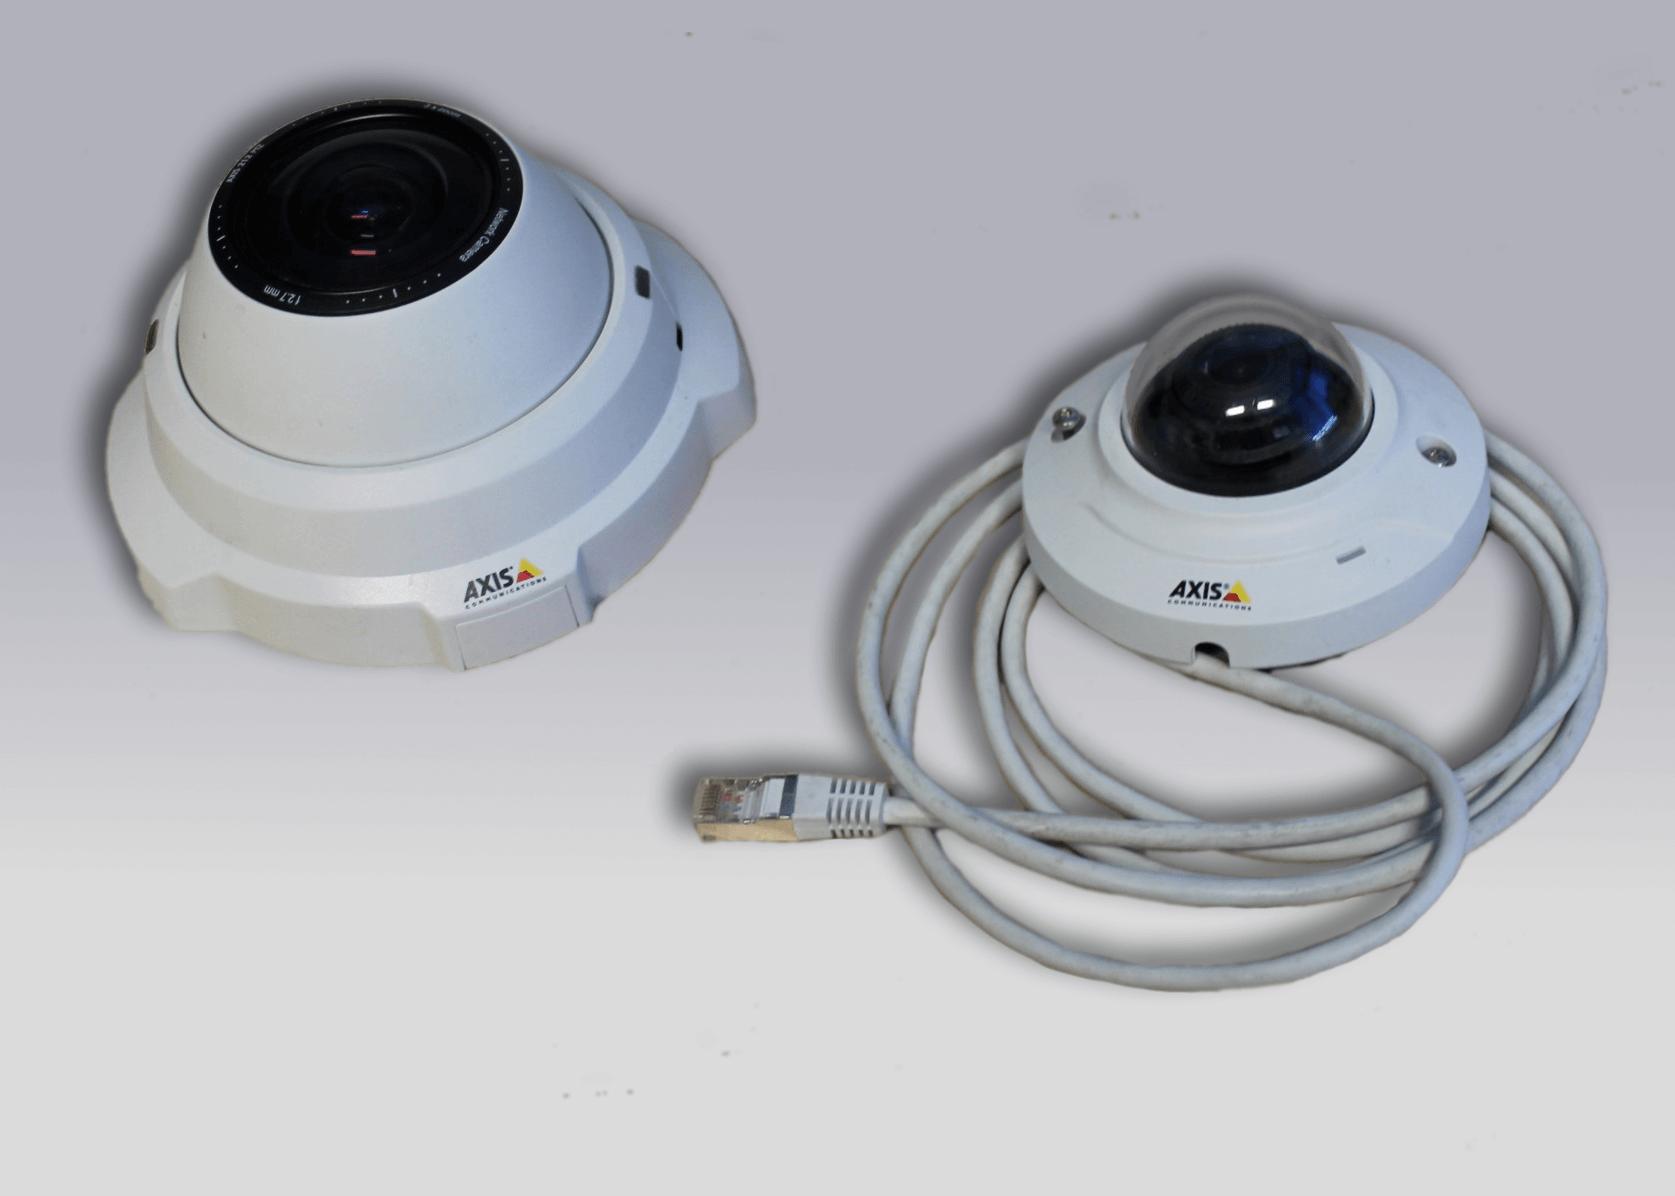 ONVIF compatible cameras